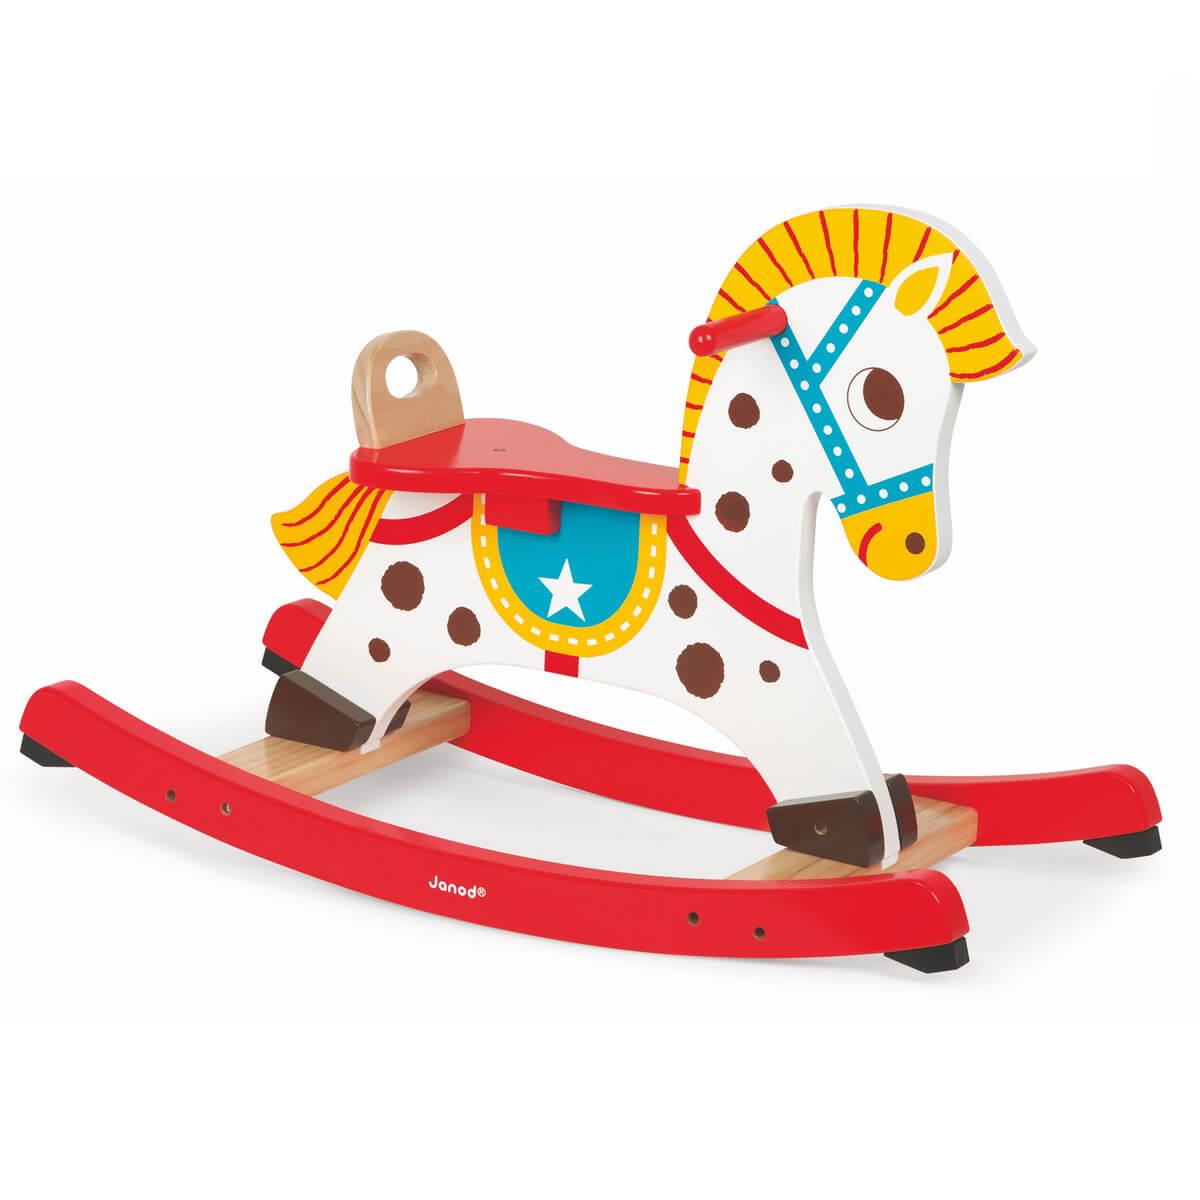 Janod Качалка Озорная лошадка - Ходунки, прыгунки, качалки